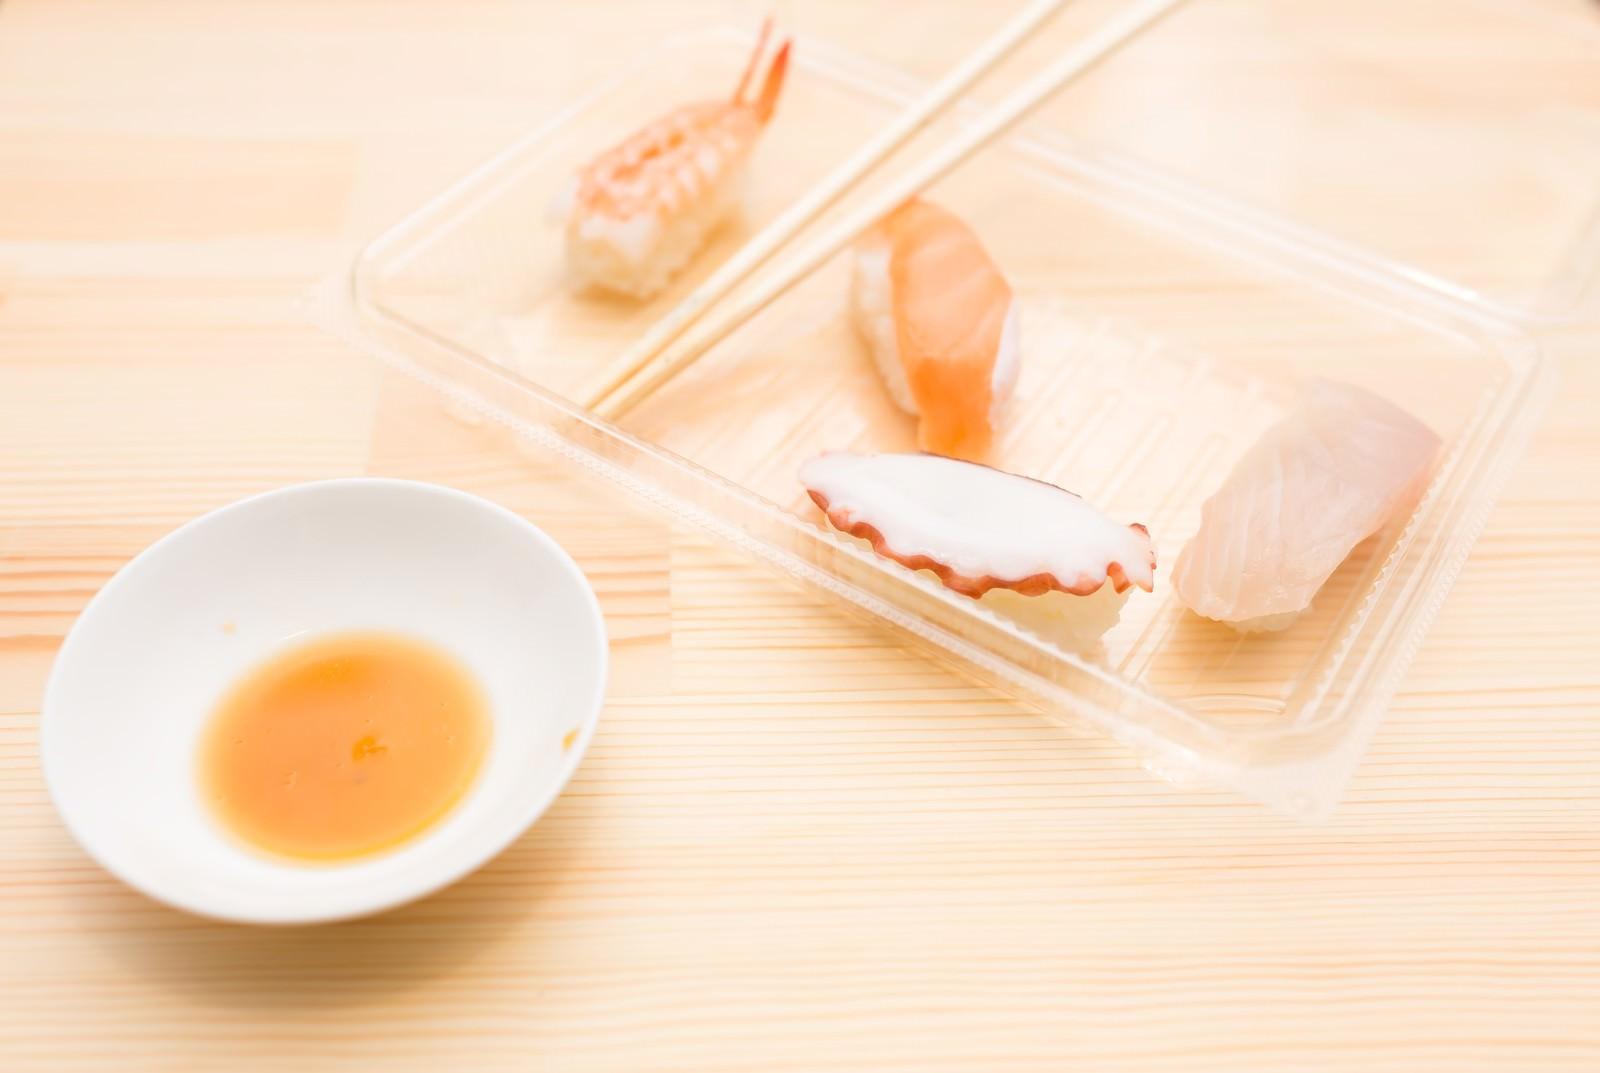 「食べ残された寿司食べ残された寿司」のフリー写真素材を拡大